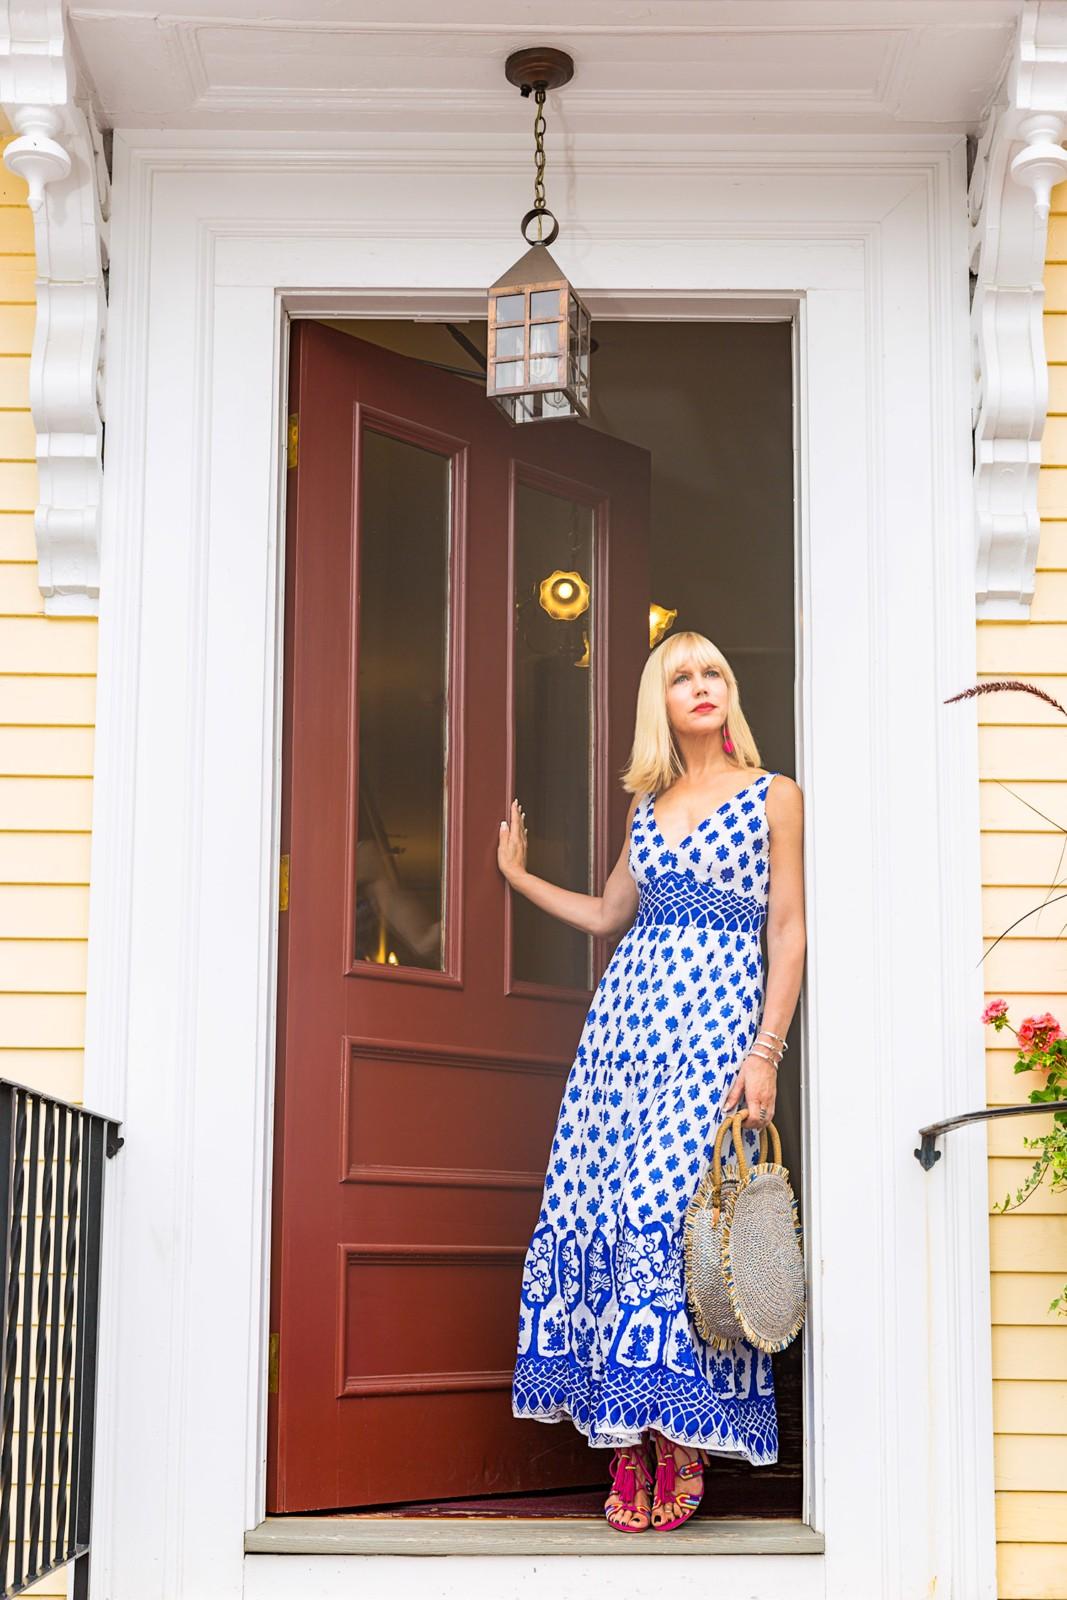 CatherineGraceO Essex Street Inn Front Door